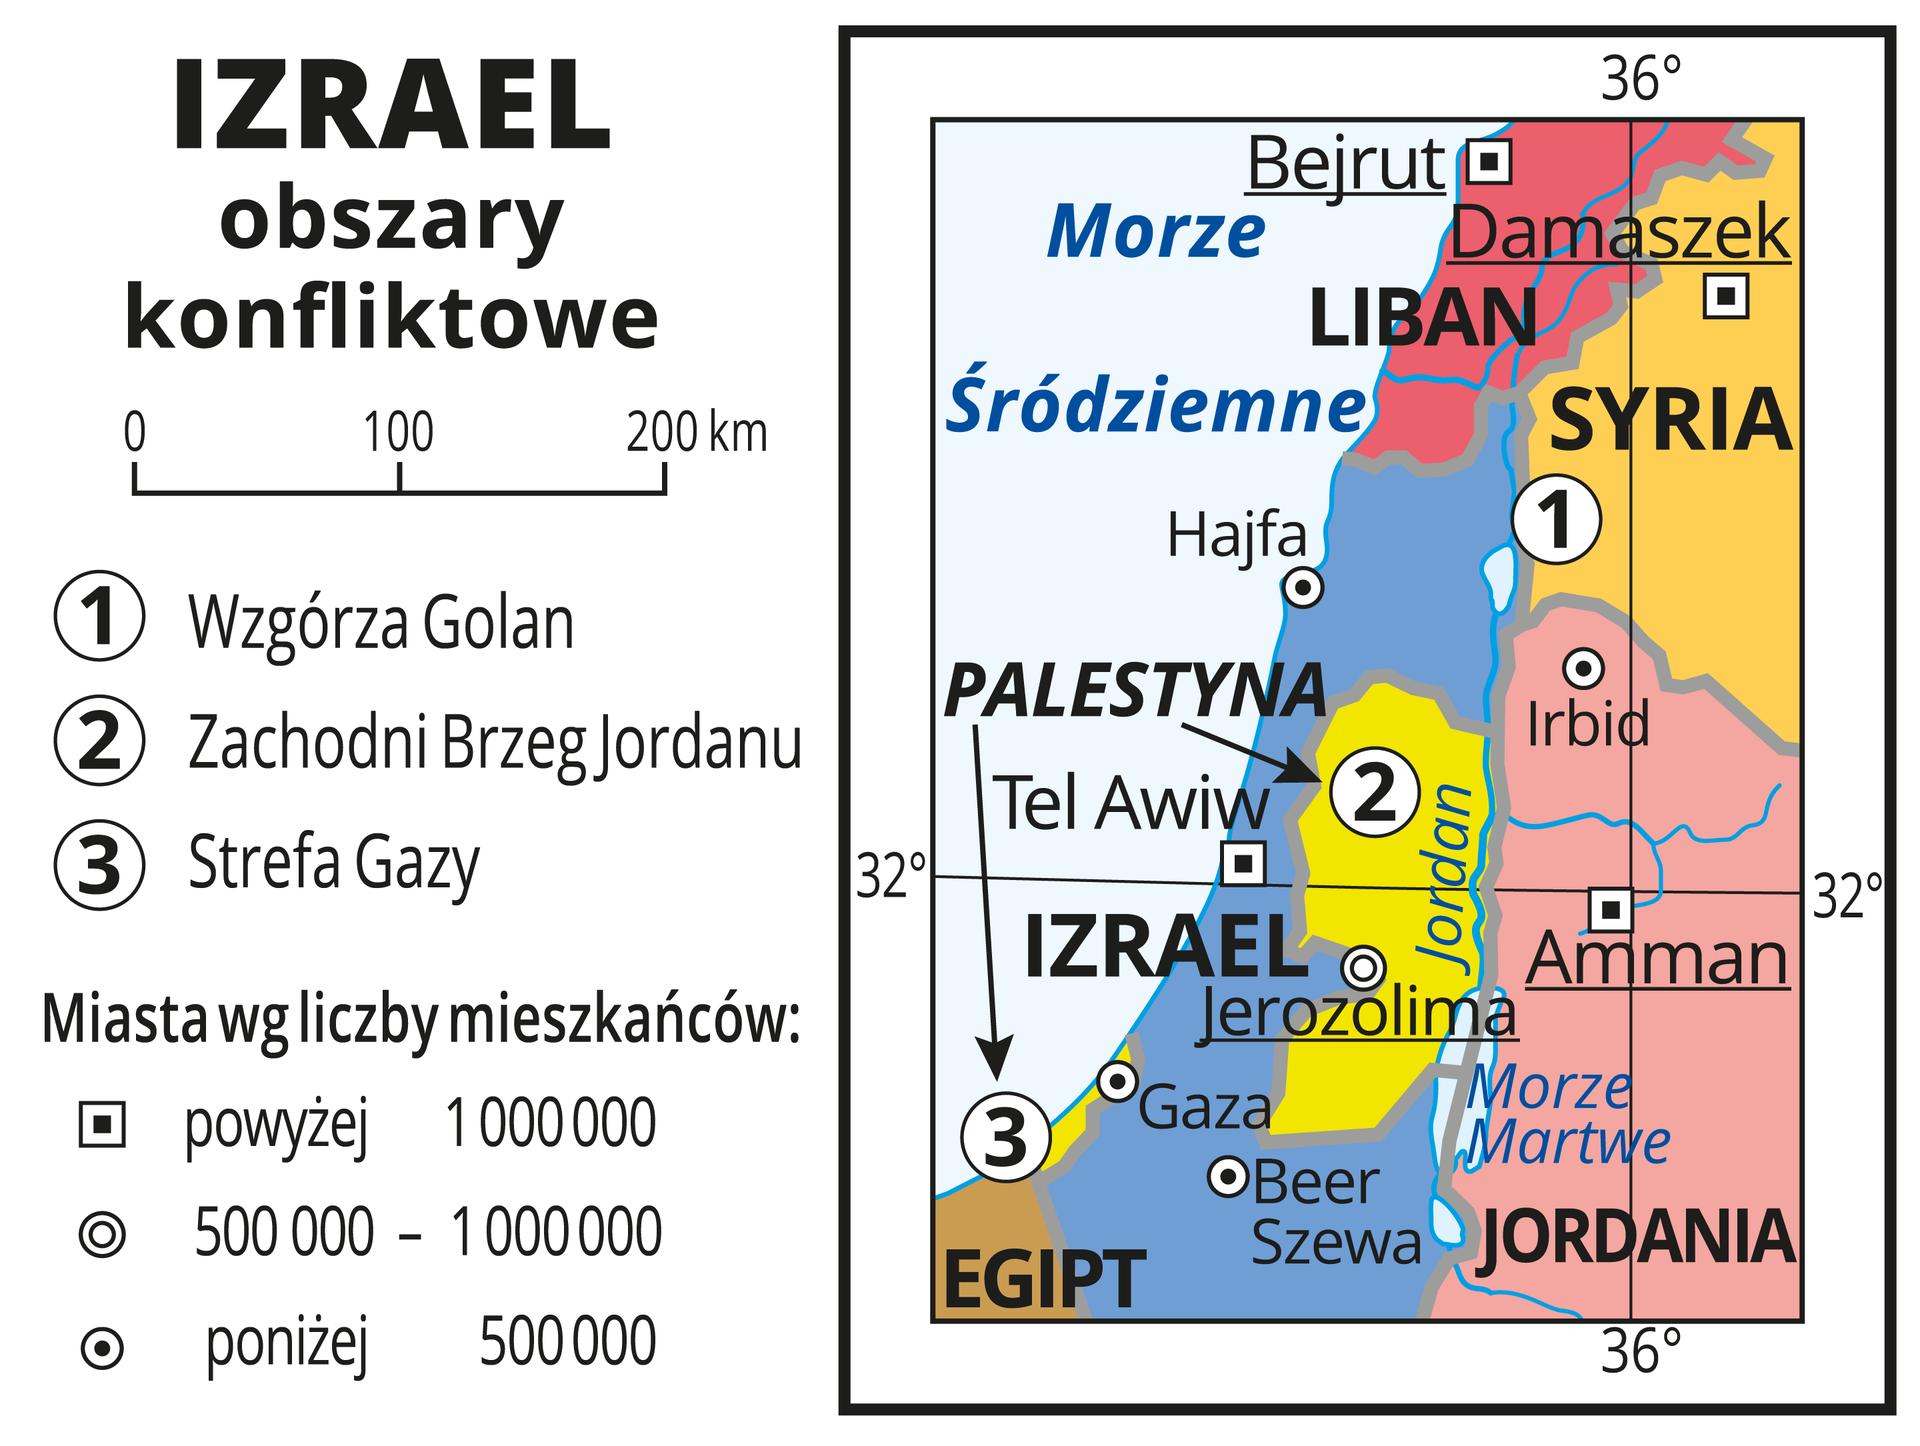 Ilustracja przedstawia obszary objęte konfliktami wrejonie Izraela. Państwa wyróżnione kolorami iopisane. Oznaczono iopisano miasta. Oznaczono cyframi konflikty wrejonie Wzgórza Golan, Zachodniego Brzegu Jordanu iStrefy Gazy. Mapa pokryta jest równoleżnikami ipołudnikami. Dookoła mapy wbiałej ramce opisano współrzędne geograficzne.